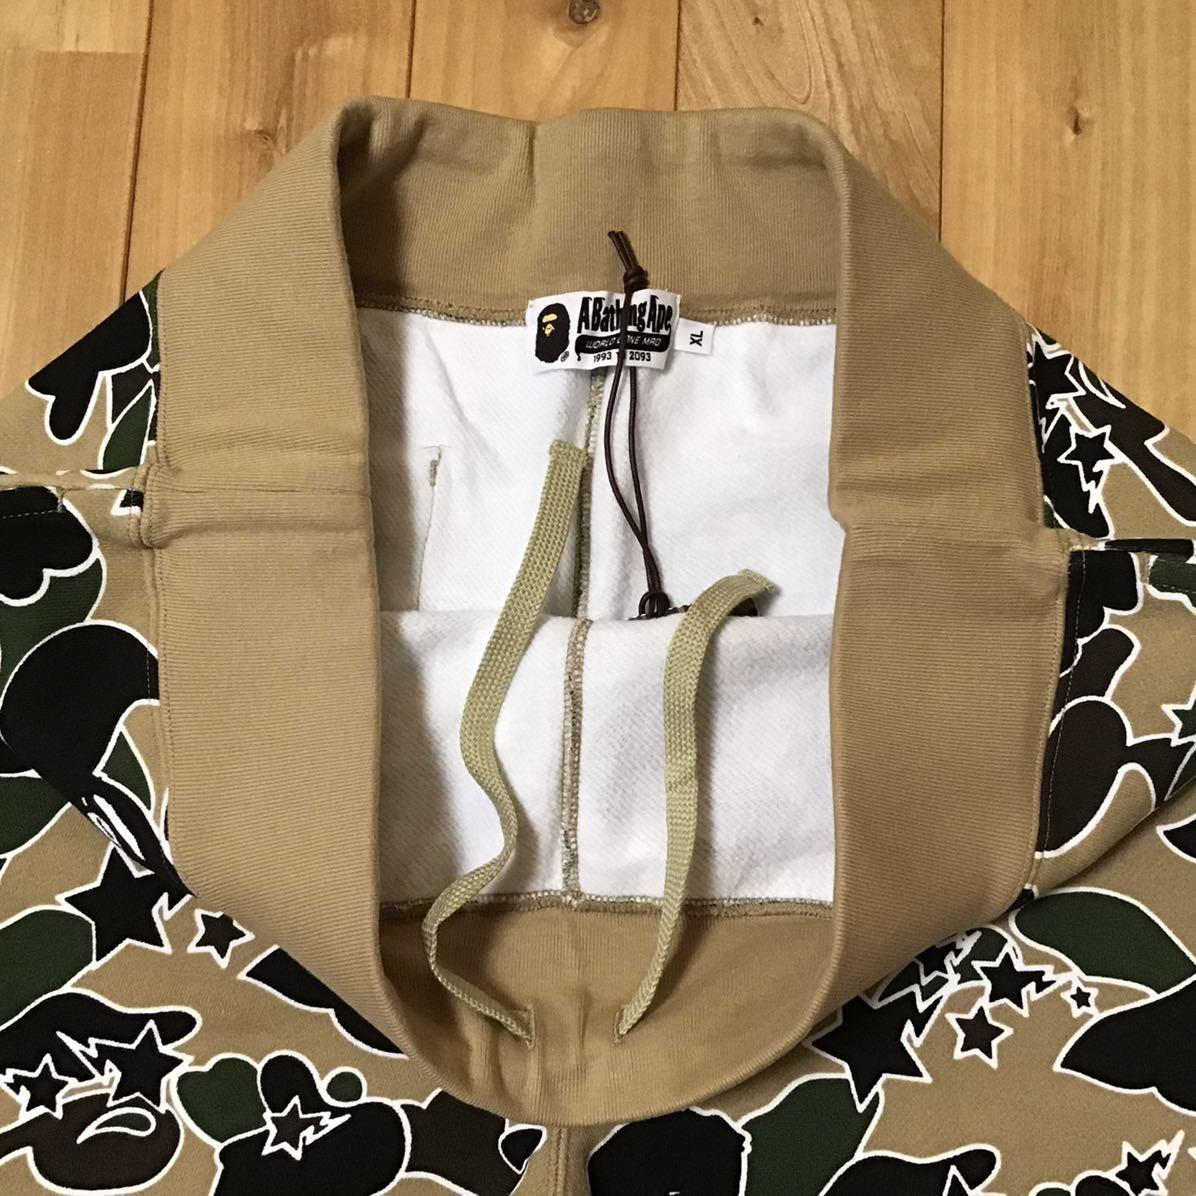 ★新品★ XLサイズ STA CAMO スウェット ハーフパンツ a bathing ape BAPE sweat shorts エイプ ベイプ アベイシングエイプ ショーツ r312